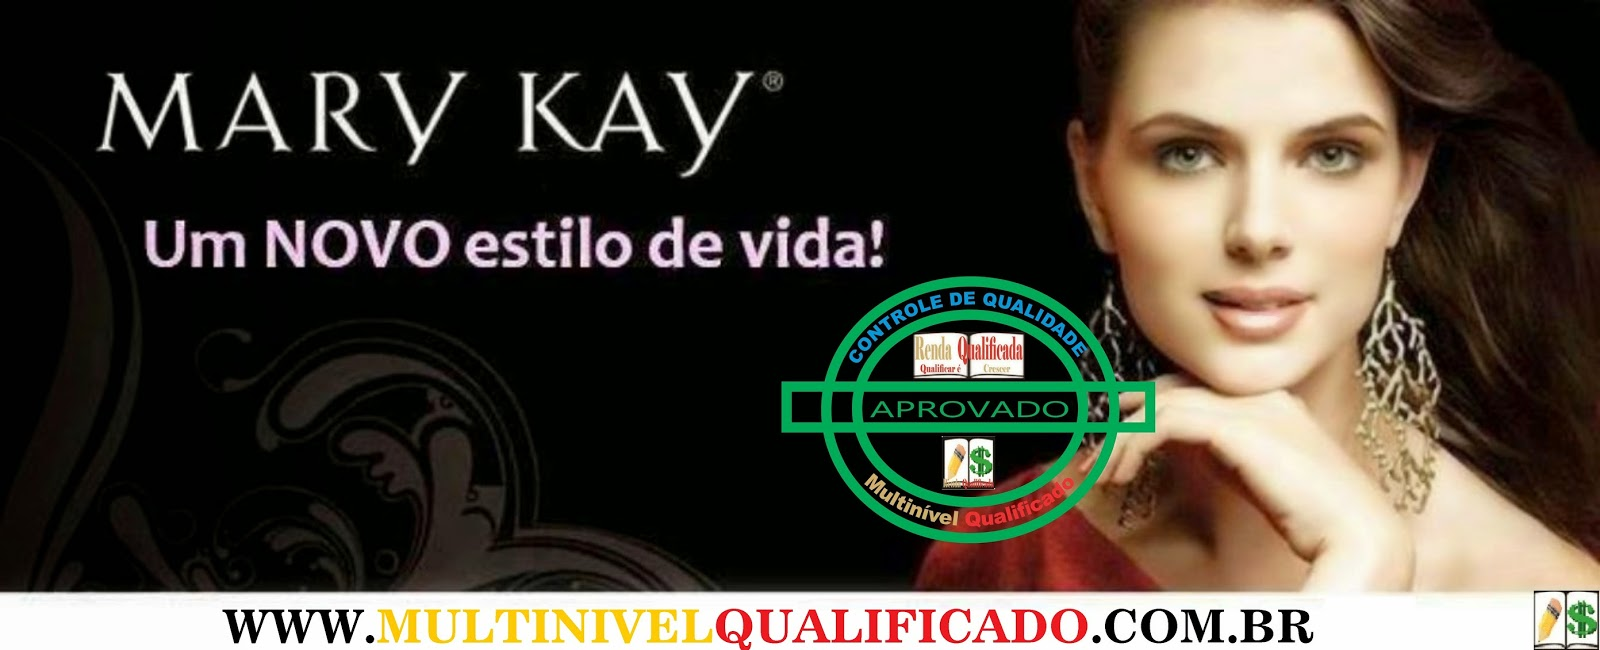 Mary Kay Maquiagem sintonia